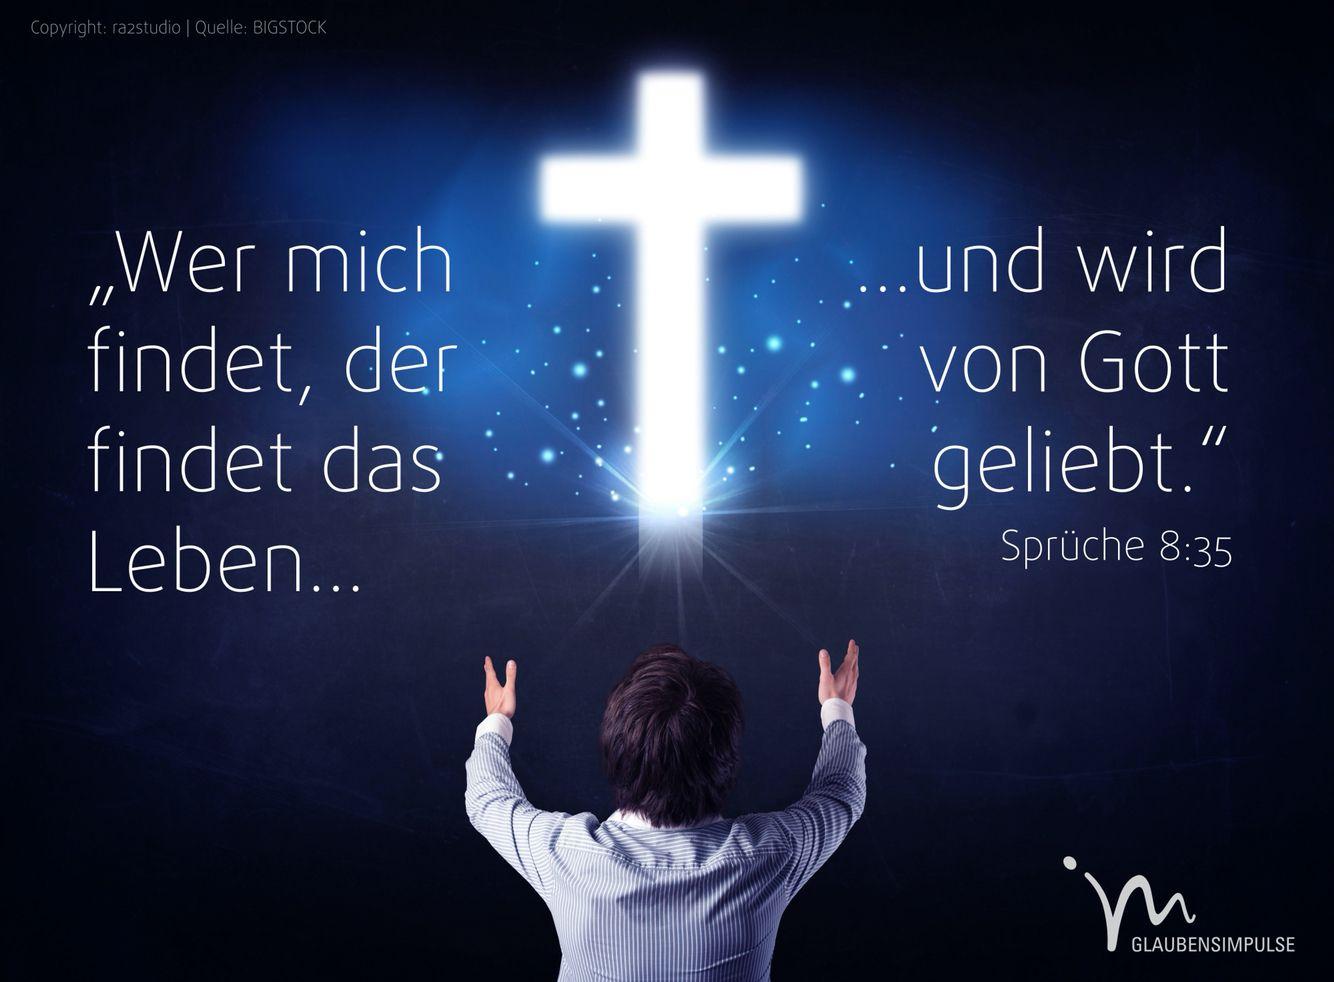 """""""Wer mich #findet, der #findet das #Leben und wird von #Gott #geliebt."""" #Sprüche 8:35 #glaubensimpulse"""